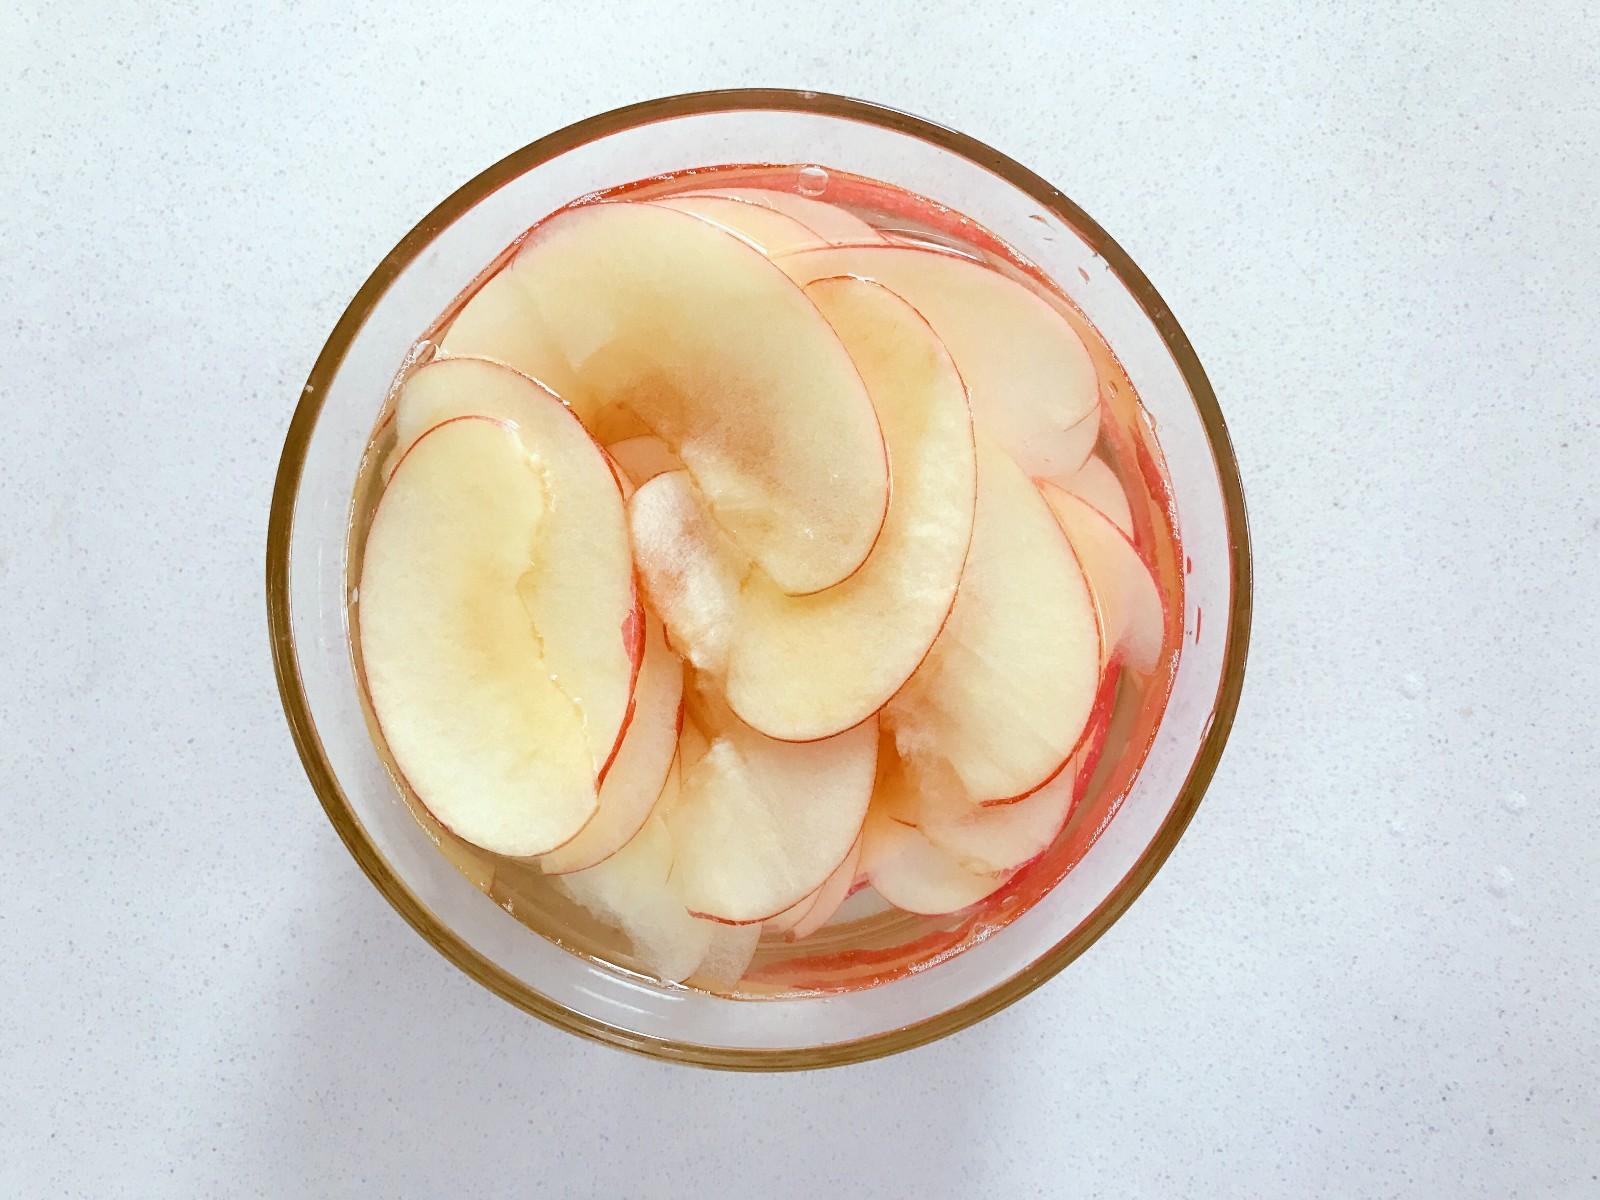 宝宝辅食:好吃又健康的水果片,准备一个大碗,装一碗清水,挤入半个柠檬汁搅拌,然后将切好的苹果片放入,浸泡15-20分钟。</p> <p>》这一步也可以省去,对成品口感影响不大,不浸泡烤完后苹果片颜色会变深,浸泡足够时间烘烤后颜色比较好看。</p> <p>》小芽因为时间关系,只泡了5分钟,所以成品依旧变色了哈。